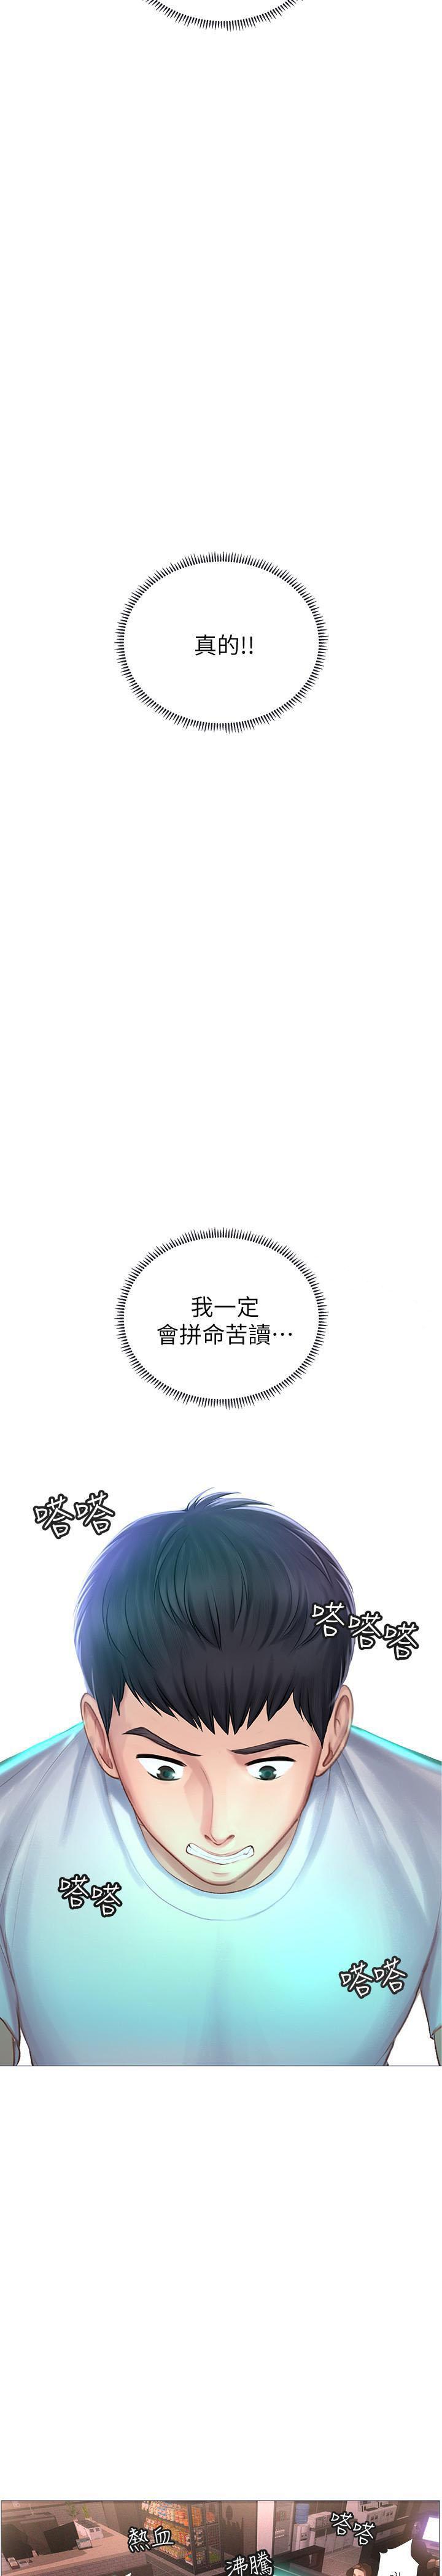 《制霸课后会》漫画无删减(全文免费阅读)